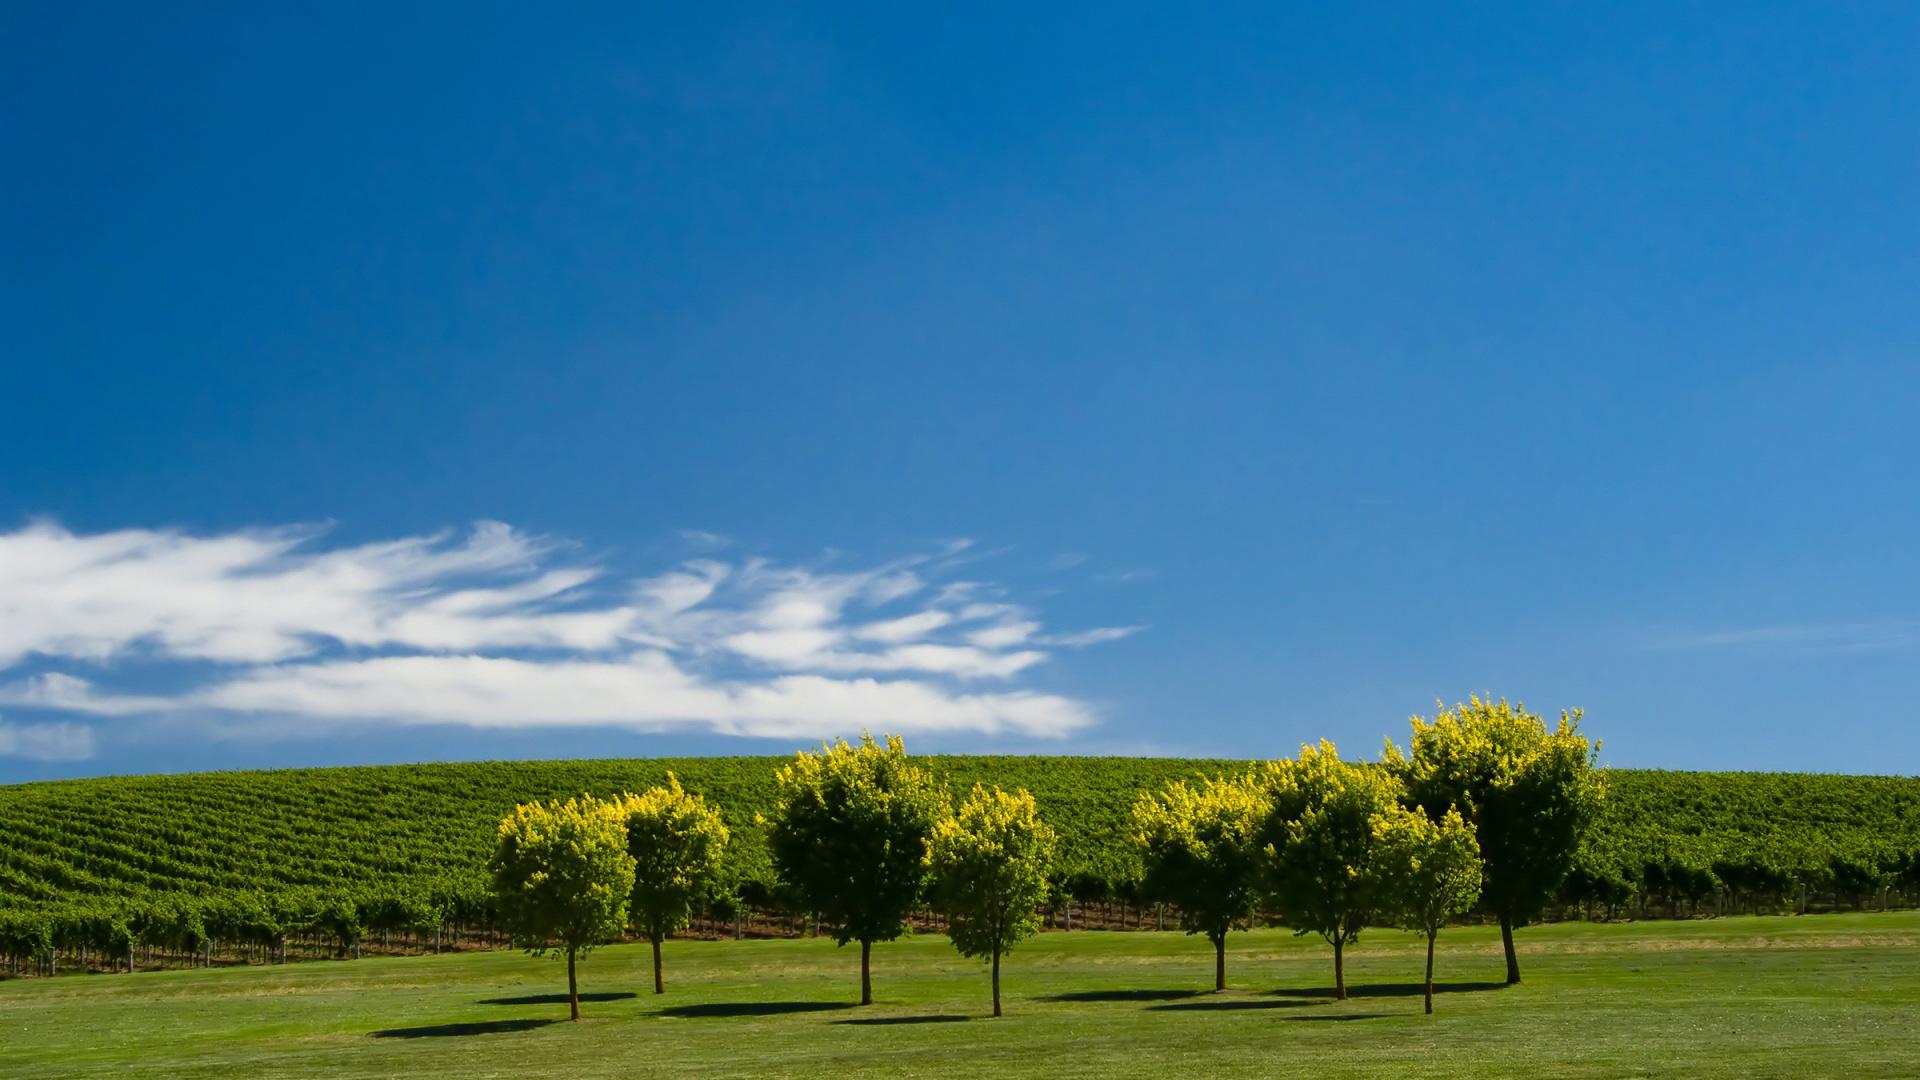 Summer Vines   1920x1080   169 1920x1080